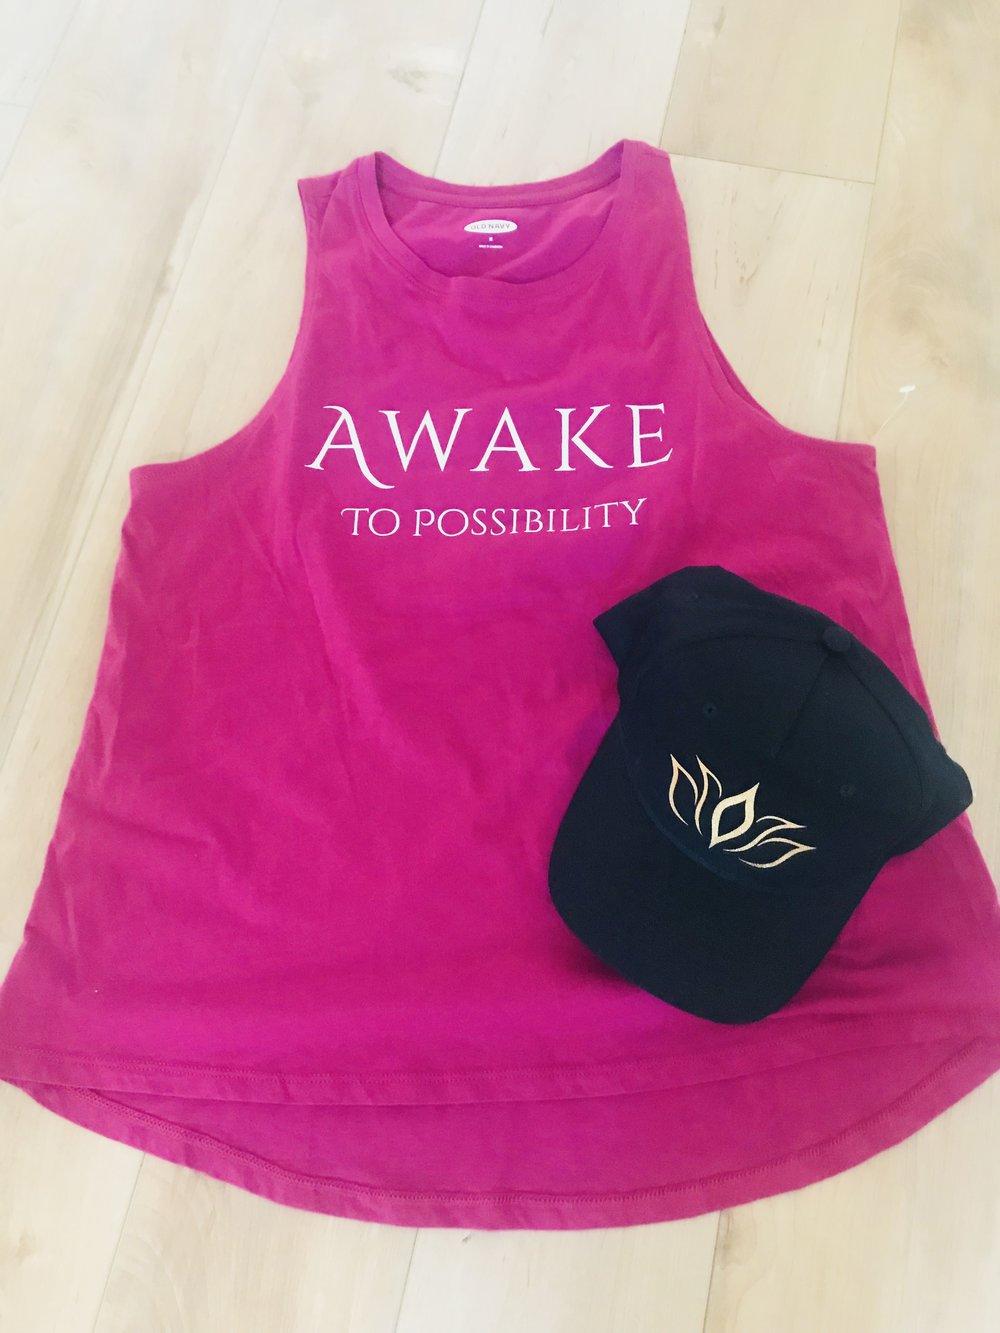 Awake Gear